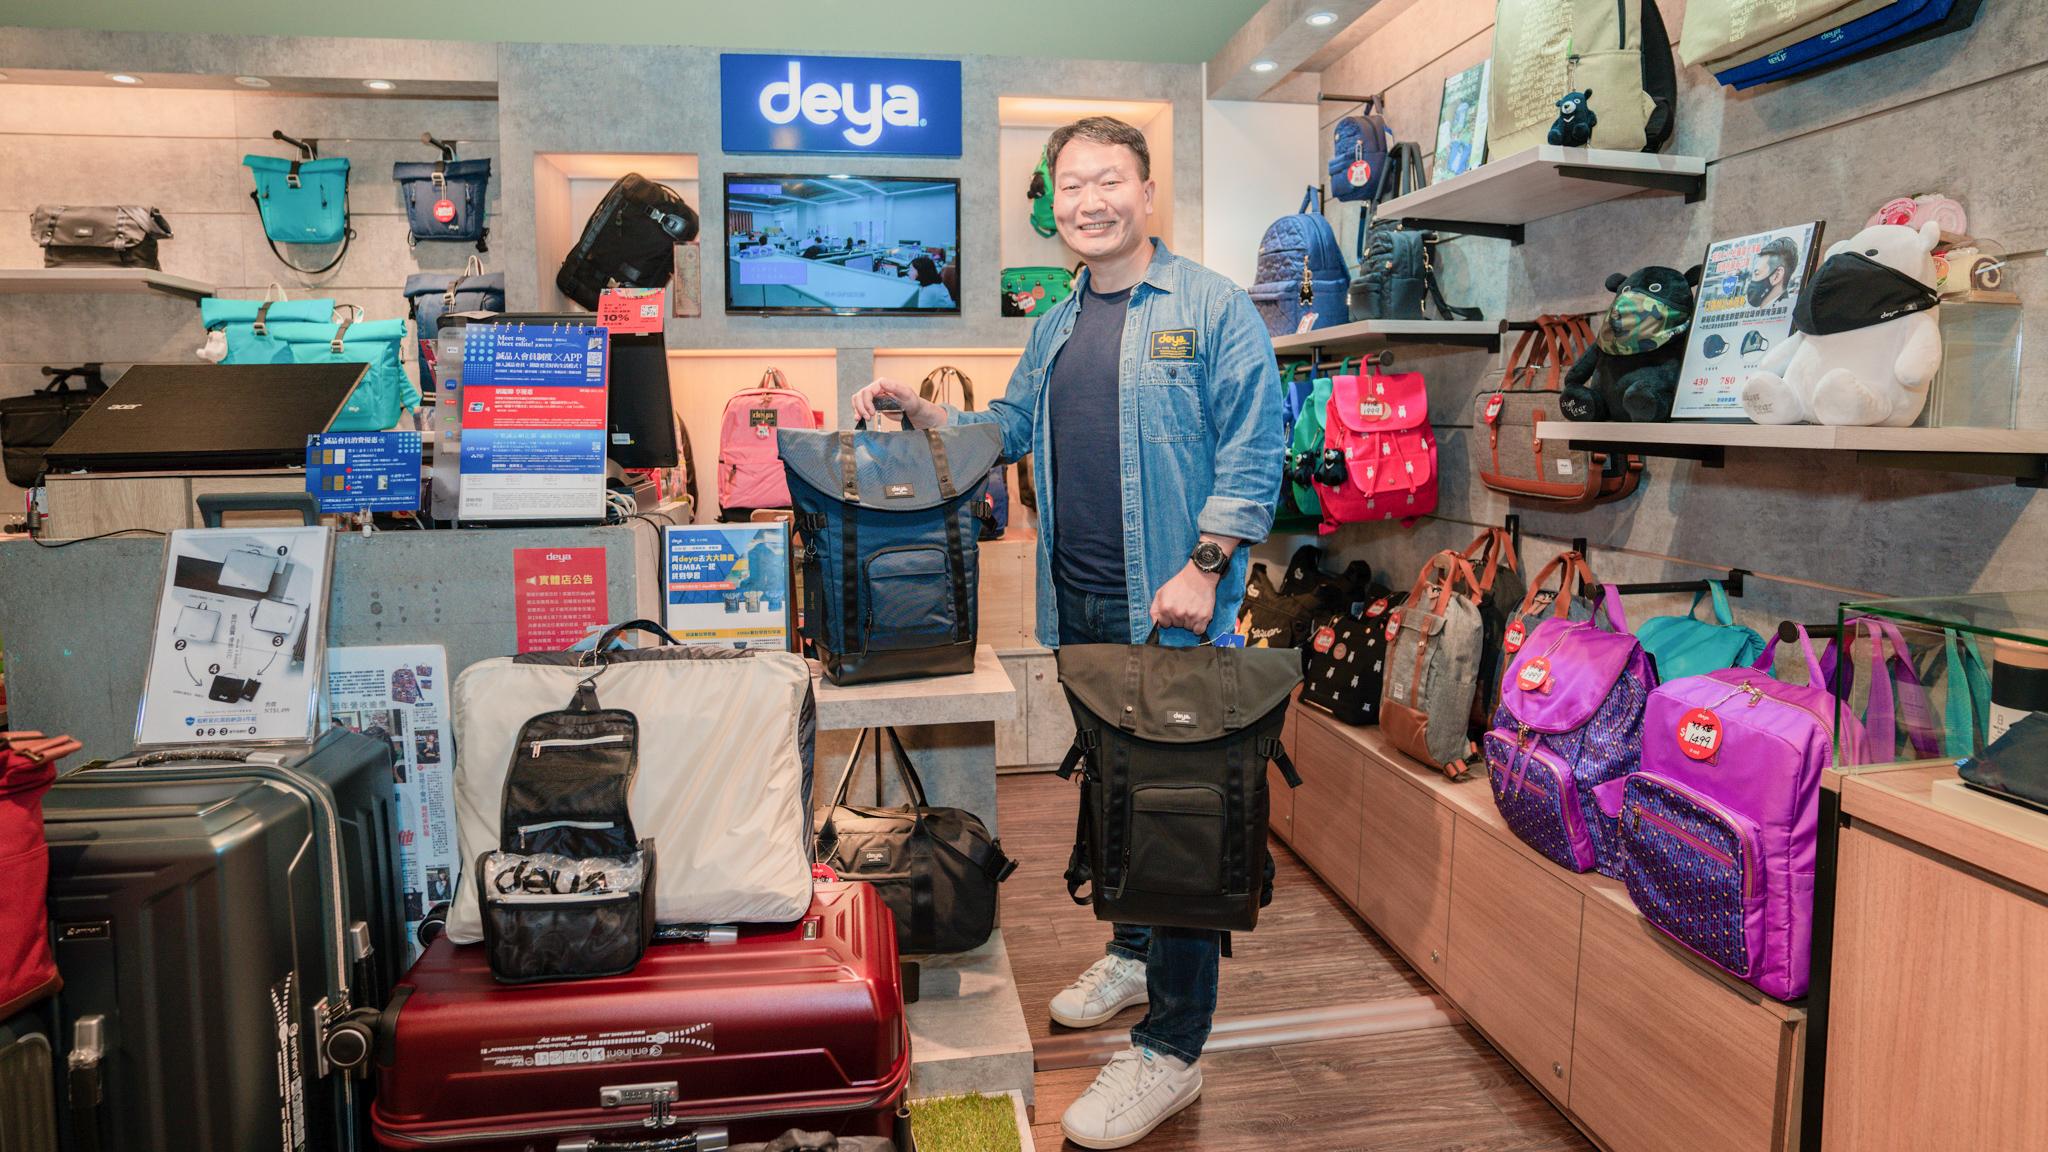 deya:從摸索方向到晉升百萬電商!包包品牌發現成功關鍵在「數位力量」